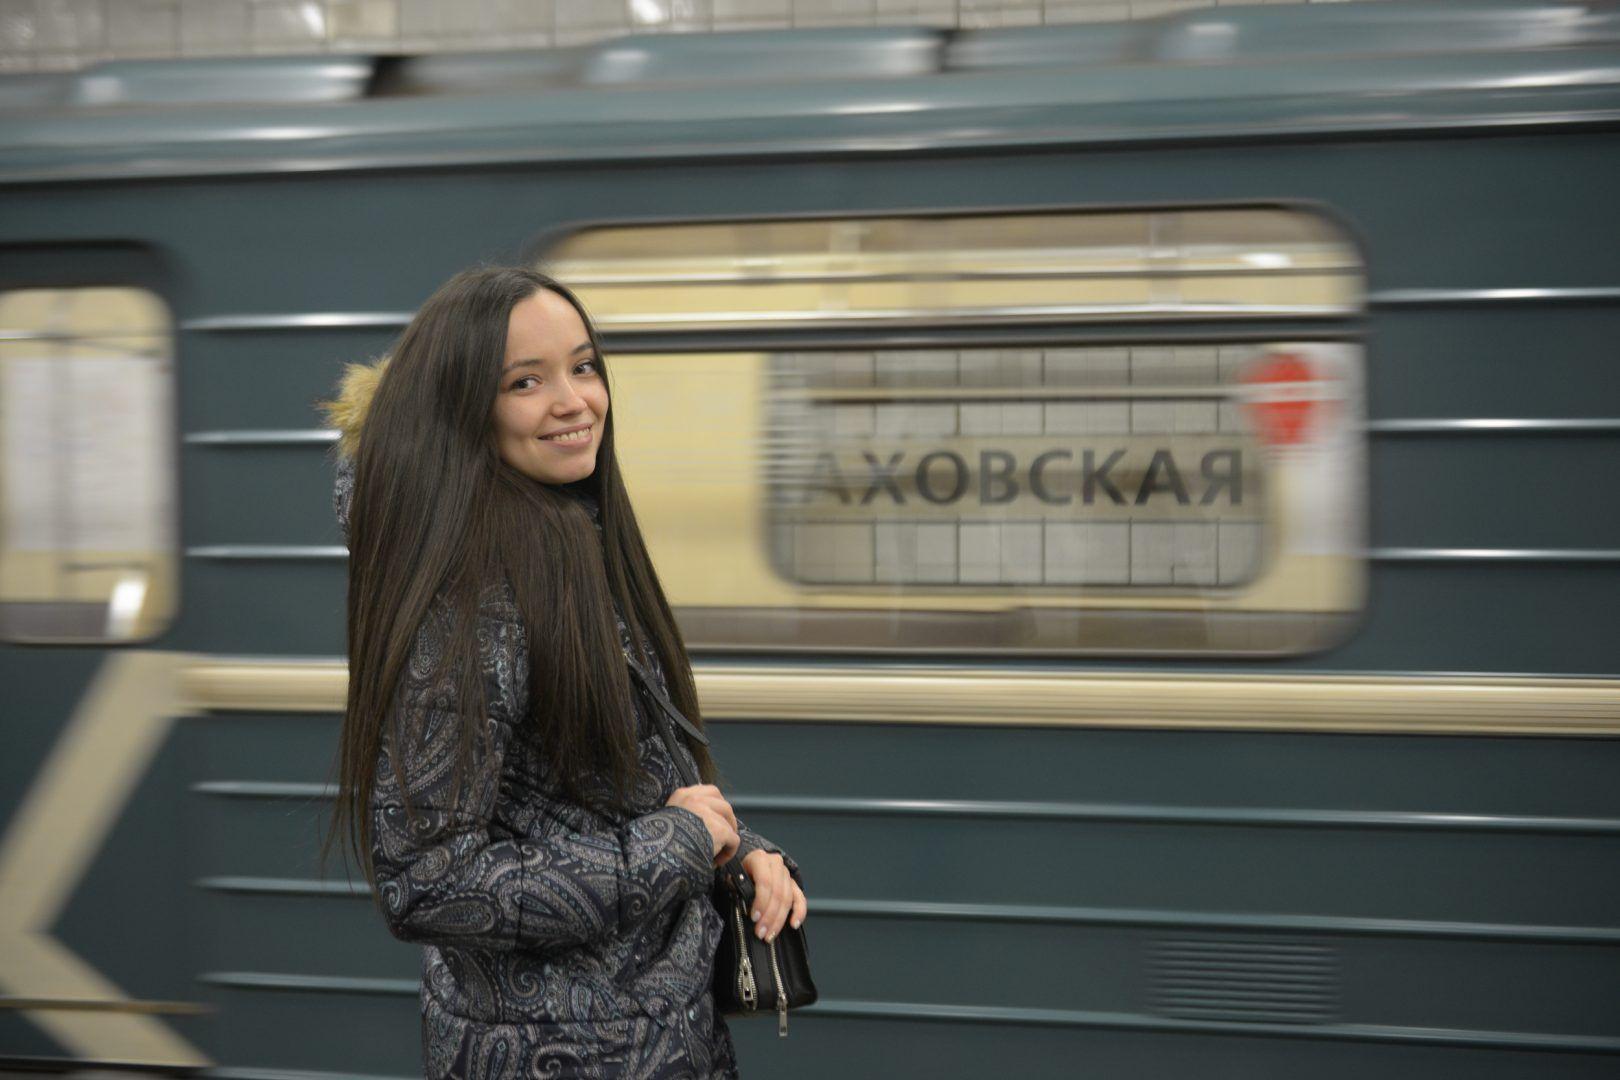 Движение на восточном участке Сокольнической линии введено в график. Фото: архив